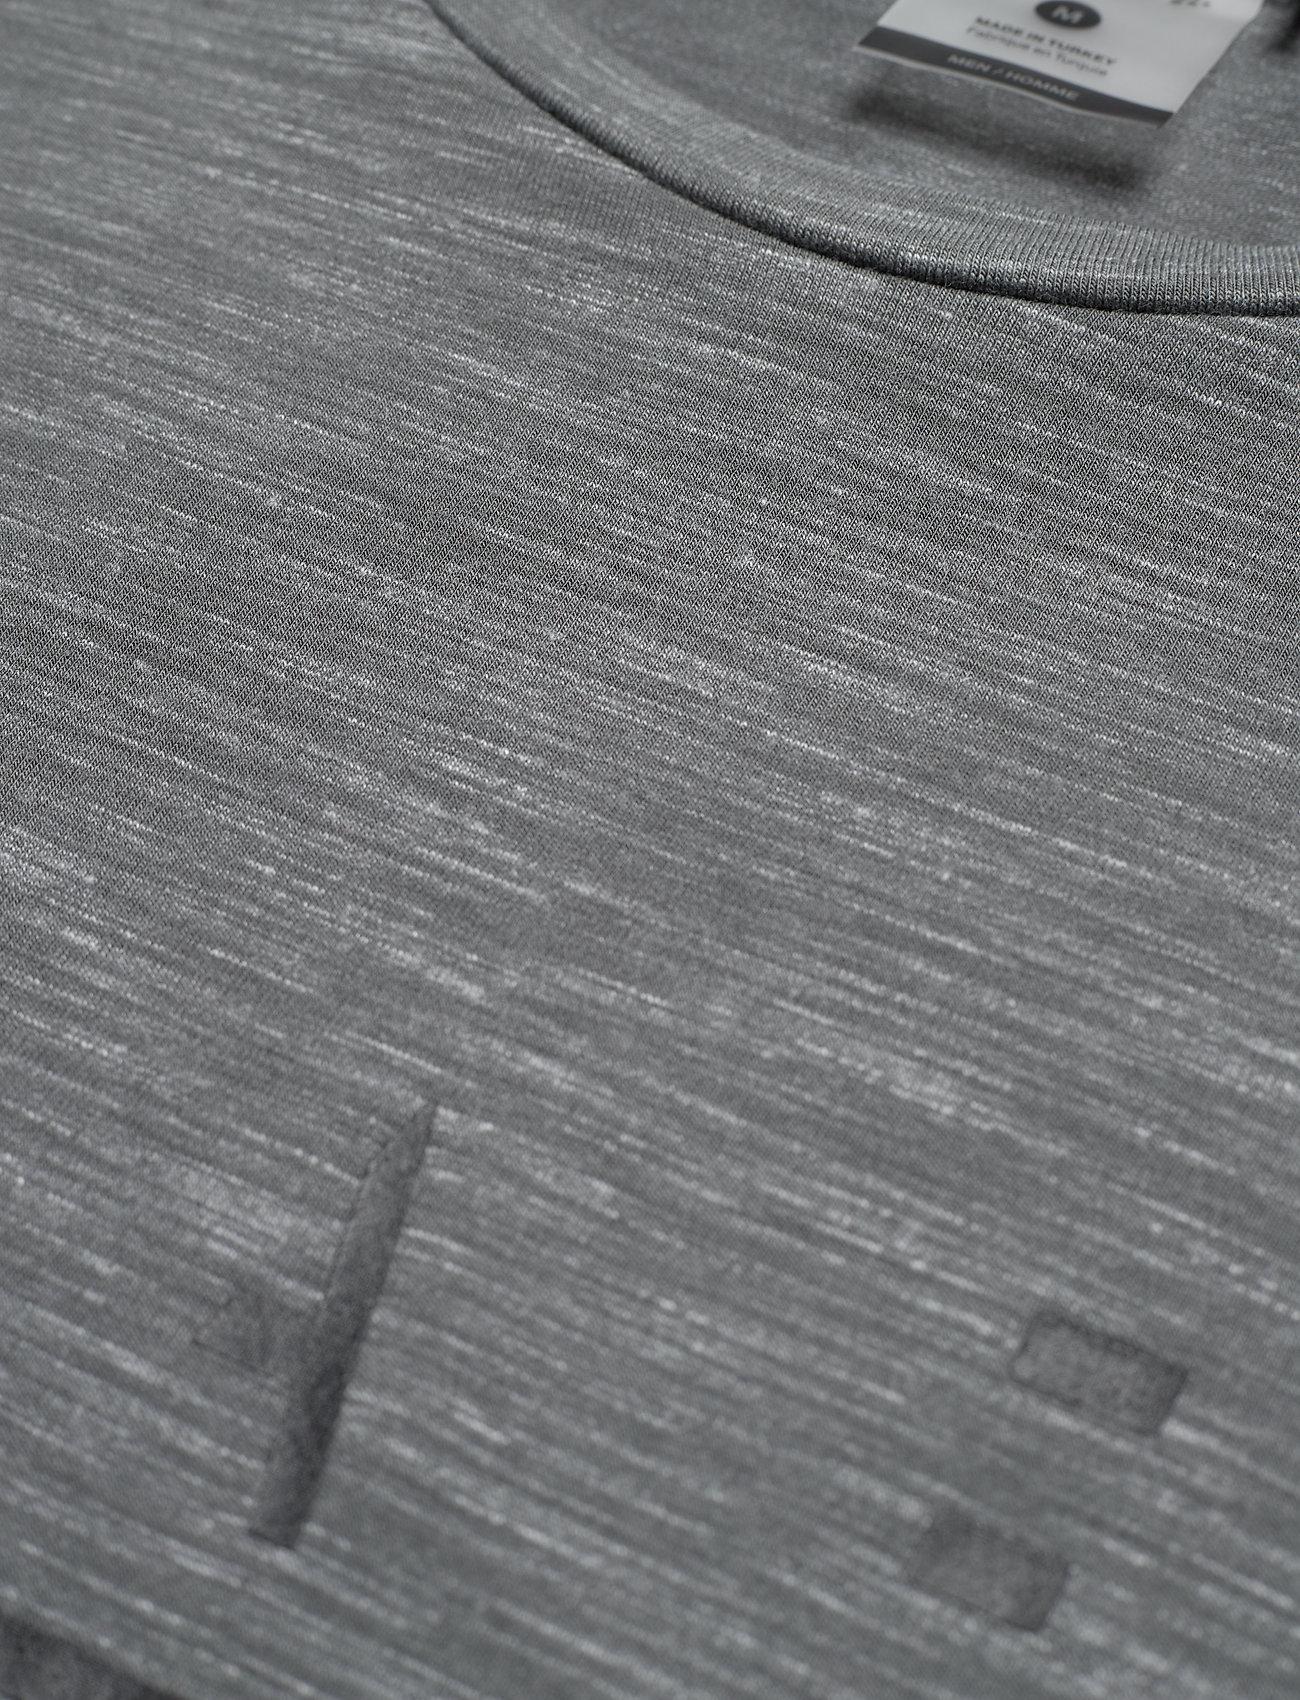 Craft CORE SENCE SS TEE M - T-skjorter DK GREY MELANGE - Menn Klær